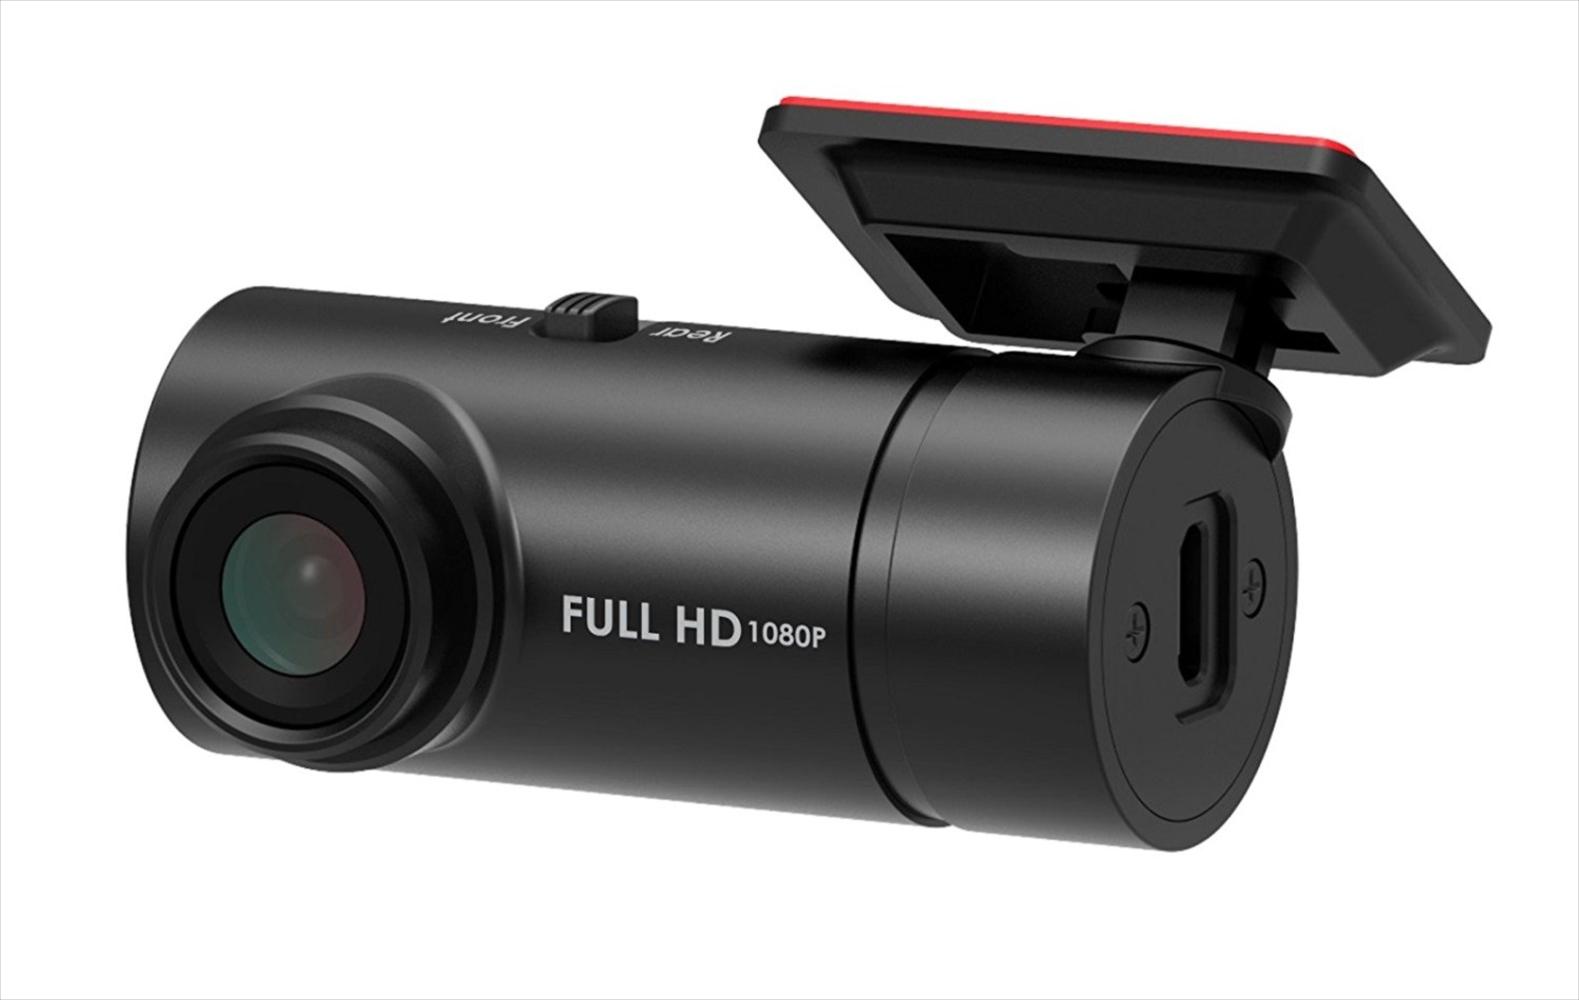 HP ヒューレット・パッカード ドライブレコーダー f870g専用オプション FULL HD 室内専用カメラ RC3 【NFR店】